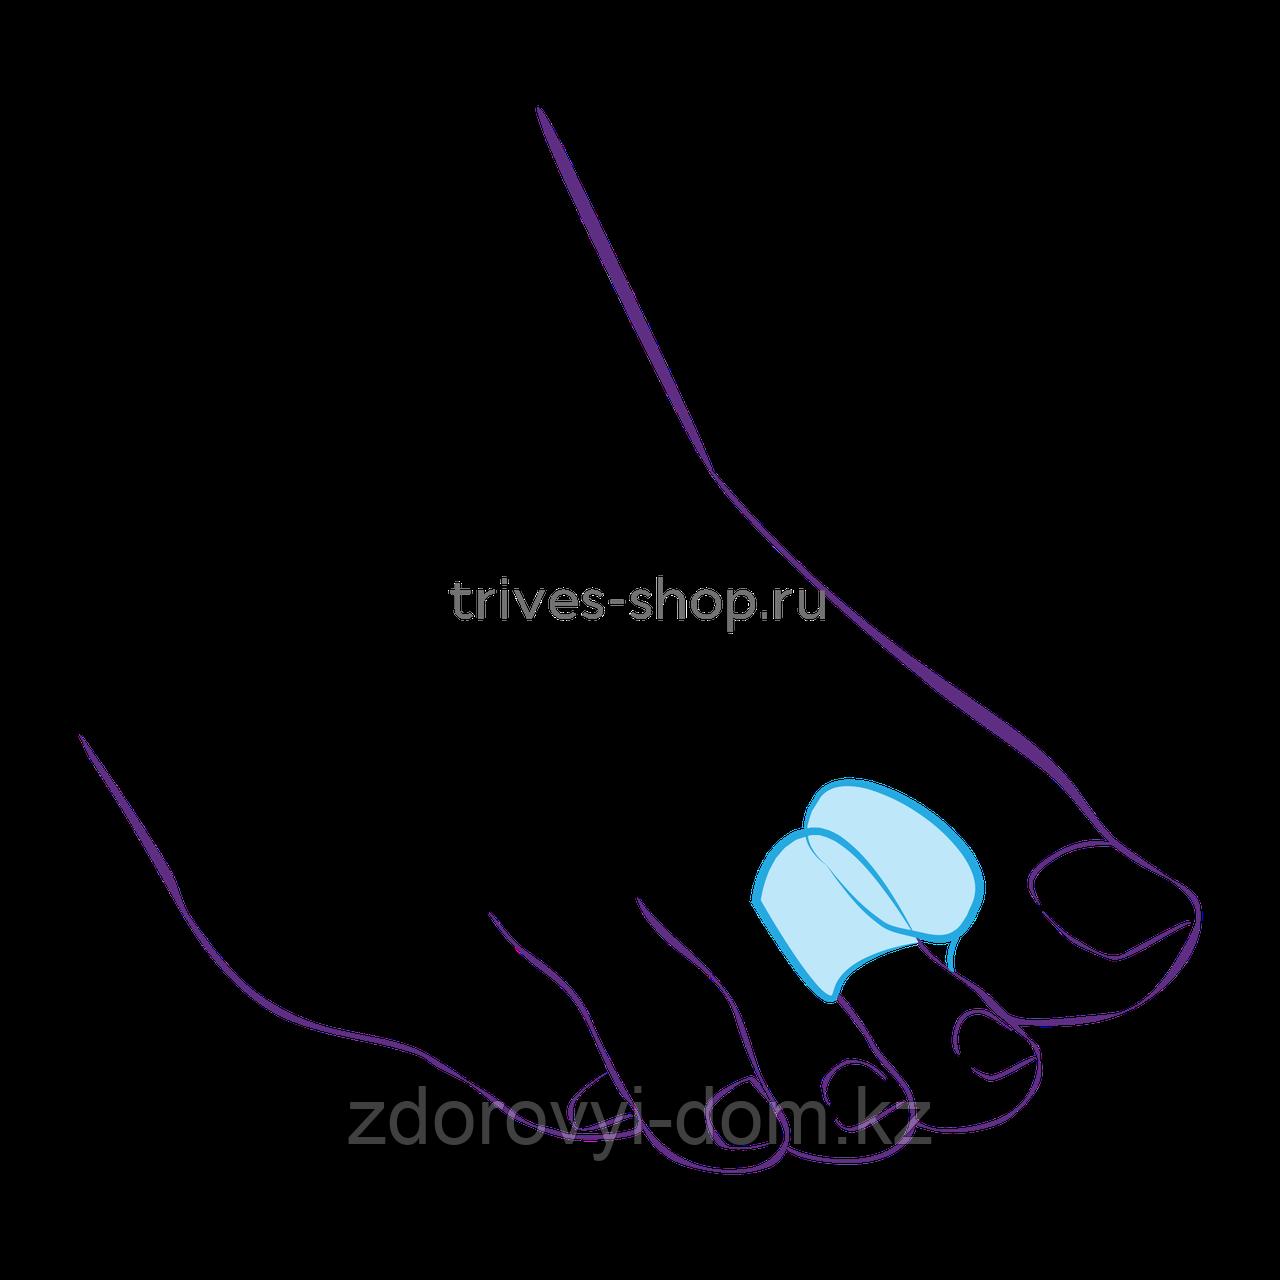 Перегородка межпальцевая на второй палец стопы увеличенного размера СТ-54.3